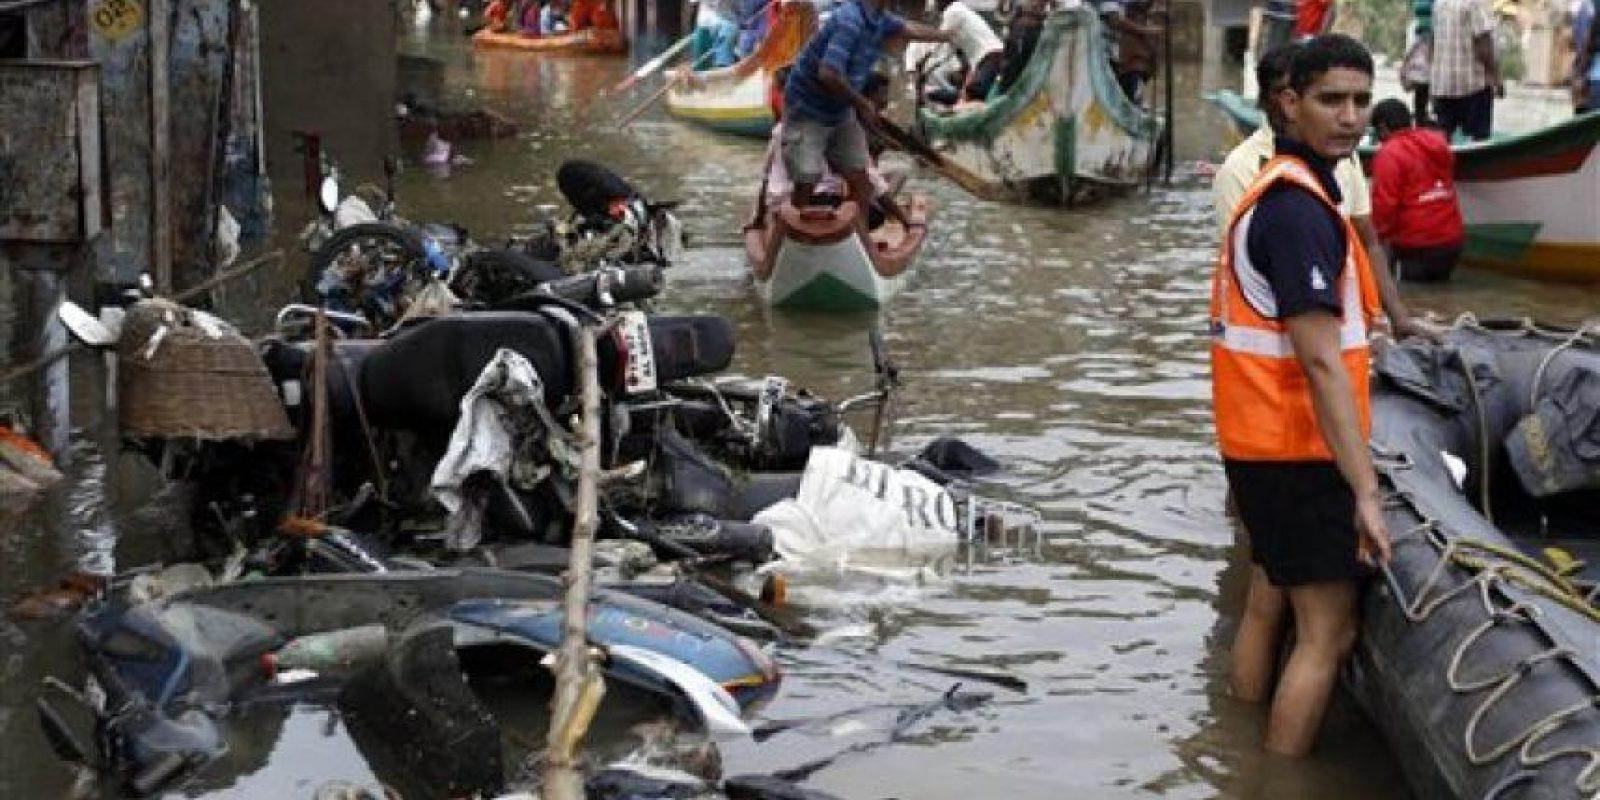 Las fuerzas armadas participan en las labores de rescate. Foto:AP